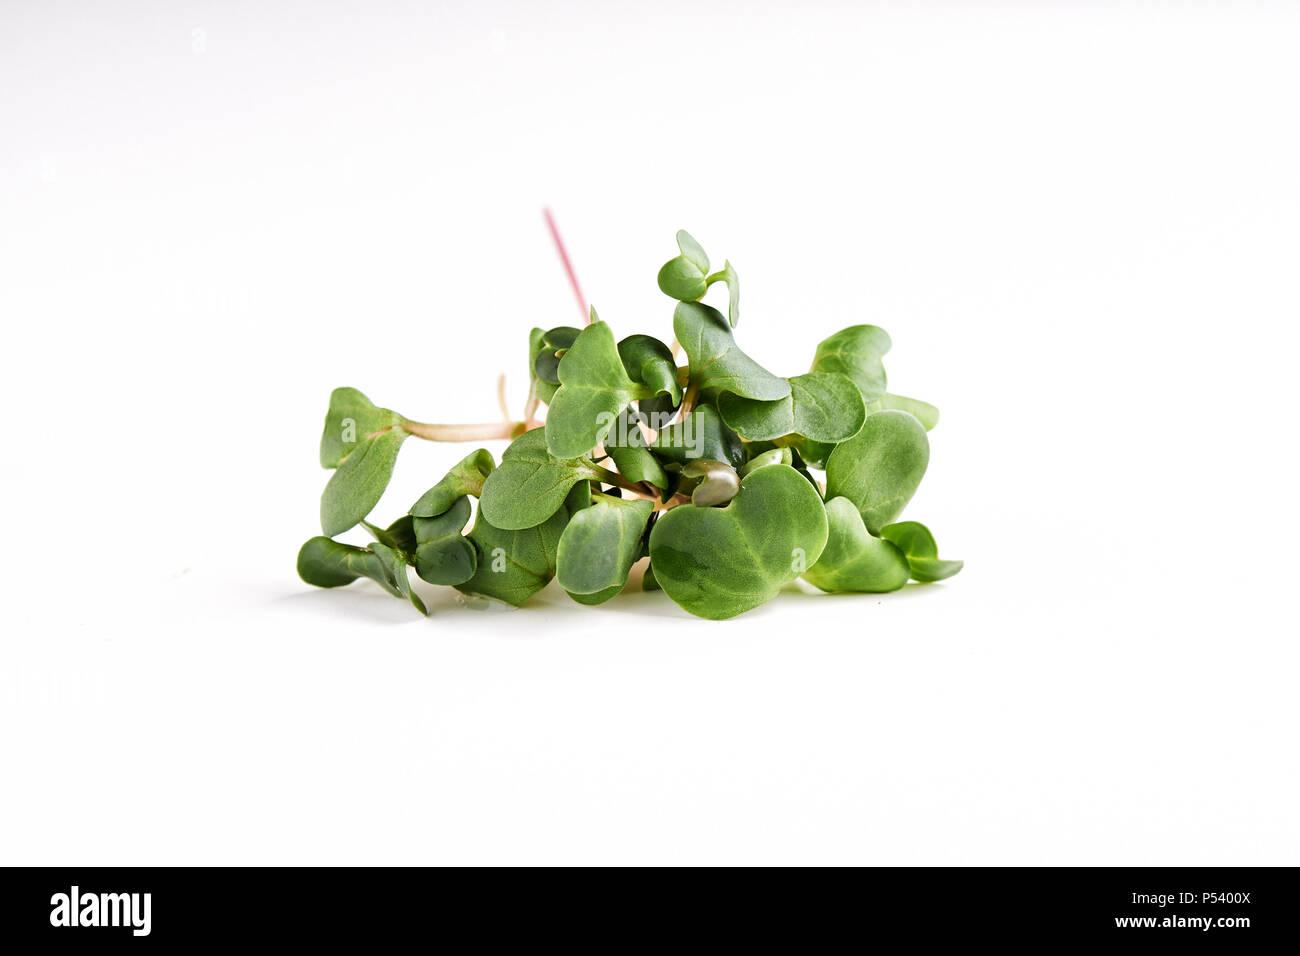 microgreen daikon twigs isolated on white background Stock Photo